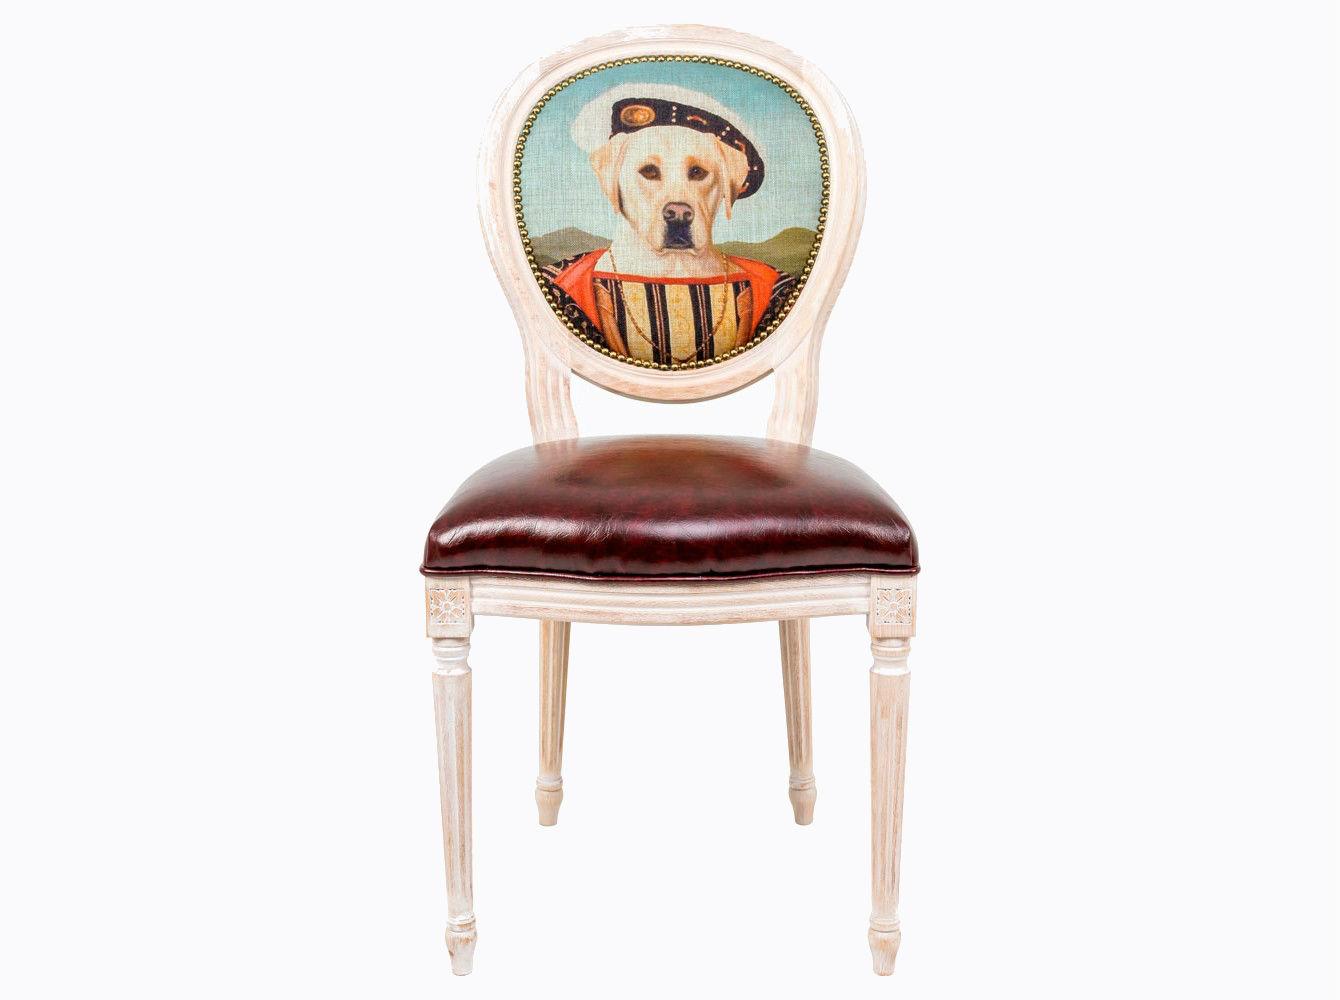 Стул «Музейный экспонат», версия 22Обеденные стулья<br>Стулья с овальными спинками - закон симметричной гармонии окружающего пространства. Овалы идеально рифмуются в интерьере с зеркалами и картинными рамами. Корпус стула изготовлен из натурального бука. Среди европейских пород бук считается самым прочным и долговечным материалом. По эксклюзивному дизайну &amp;quot;Объекта мечты&amp;quot; корпусы стульев серии &amp;quot;Музейный экспонат&amp;quot; выточены, брашированы в Италии. В угоду моде &amp;quot;шебби-шик&amp;quot;, благородная фактура натурального дерева подчеркнута рукописной патиной. Штрихи старины обладают специфическим обаянием и теплом. Комфортабельность, прочность и долговечность сиденья обеспечены подвеской из эластичных ремней. Обивка спинки оснащена тефлоновым покрытием против пятен. Не упустите возможность обладания уникальной дизайнерской мебелью - коллекция &amp;quot;Музейный экспонат&amp;quot; выпущена лимитированными экземплярами.&amp;amp;nbsp;&amp;lt;div&amp;gt;&amp;lt;br&amp;gt;&amp;lt;/div&amp;gt;&amp;lt;div&amp;gt;Каркас - натуральное дерево бука, обивка сиденья и оборотной стороны спинки - эко-кожа, обивка спинки: 29% лен, 9 % хлопок, 72% полиэстер&amp;lt;br&amp;gt;&amp;lt;/div&amp;gt;<br><br>Material: Дерево<br>Ширина см: 55<br>Высота см: 95<br>Глубина см: 50